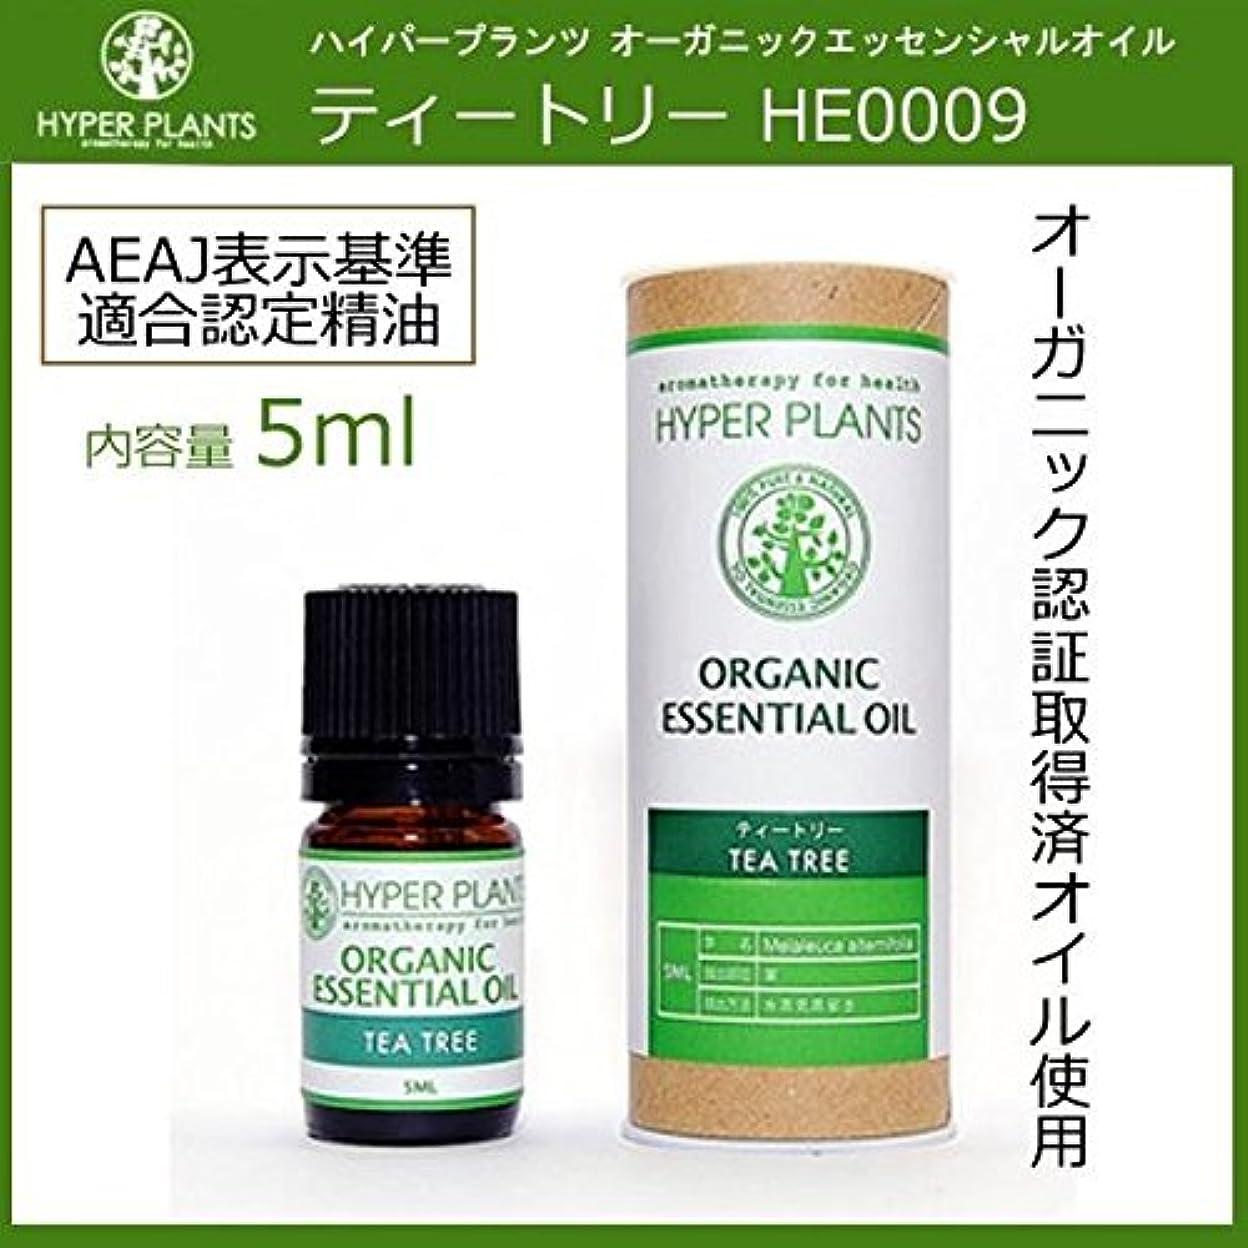 わずかな連結するフレキシブルHYPER PLANTS ハイパープランツ オーガニックエッセンシャルオイル ティートリー 5ml HE0009